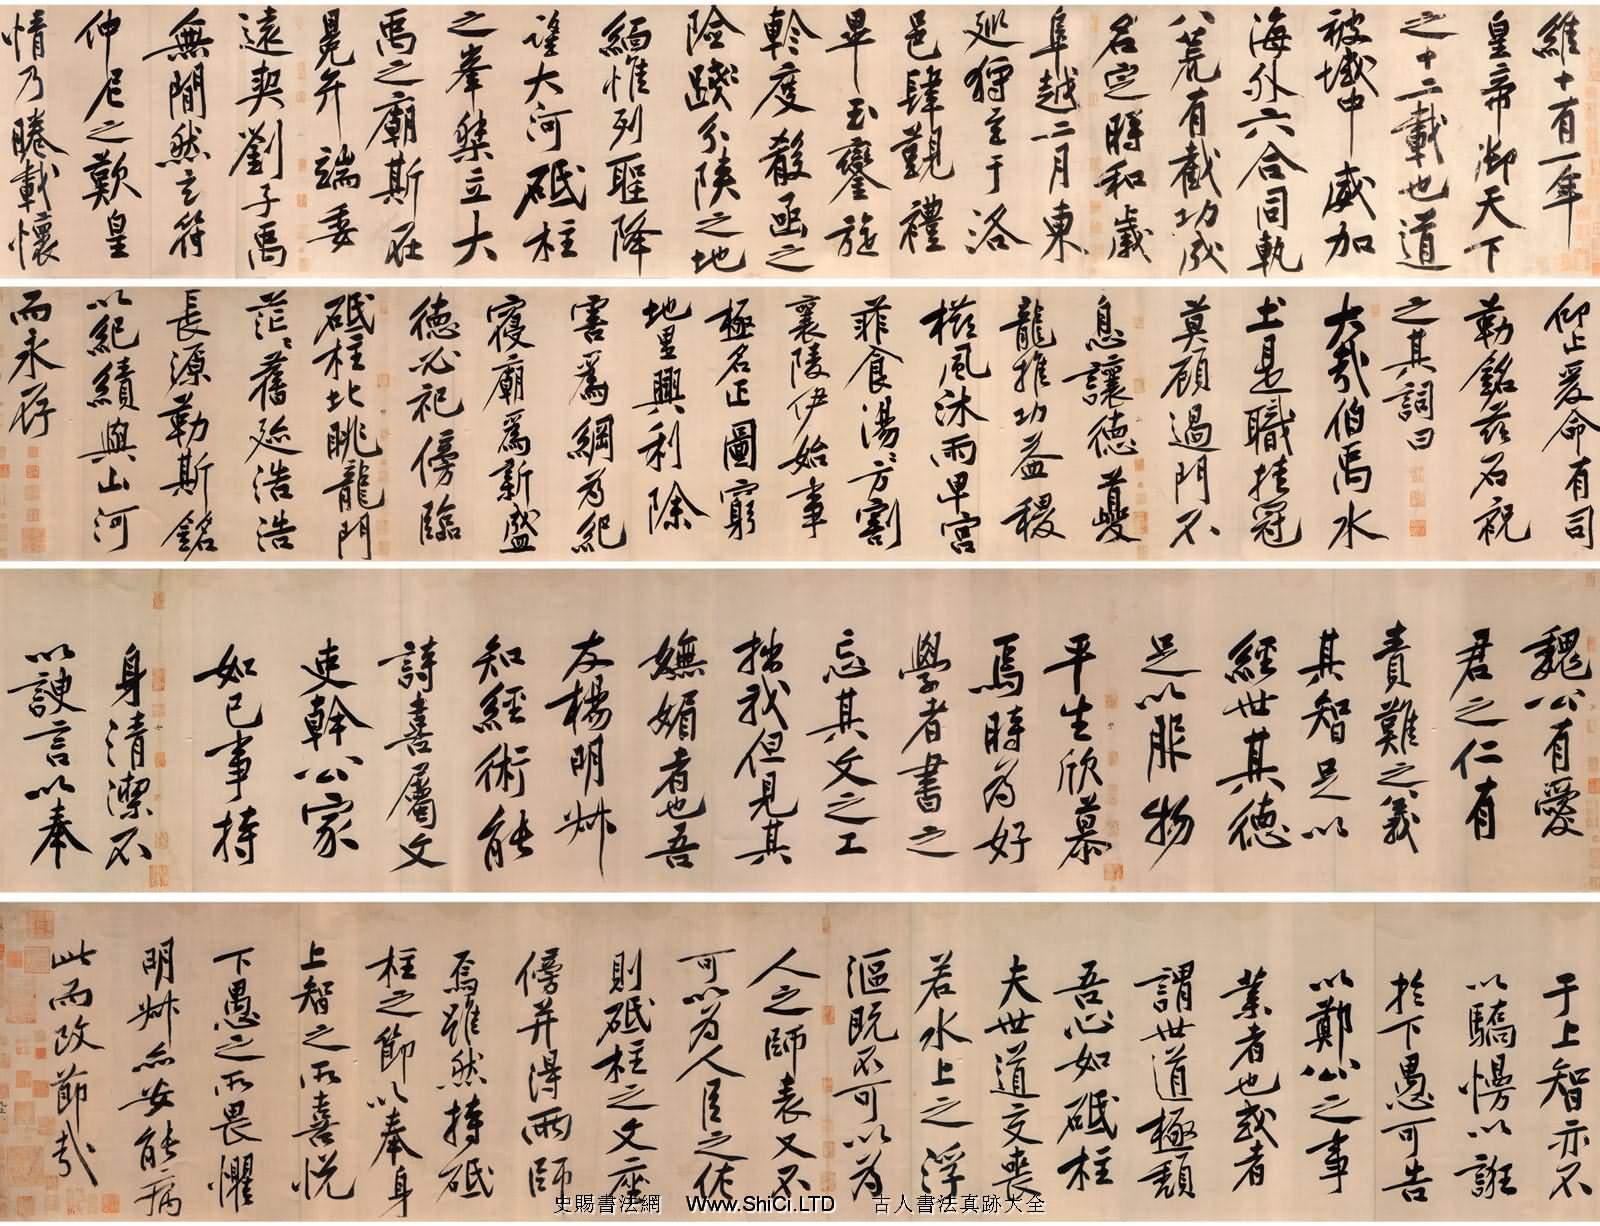 超4億元的黃庭堅大字行楷書《砥柱銘卷》(共42張圖片)